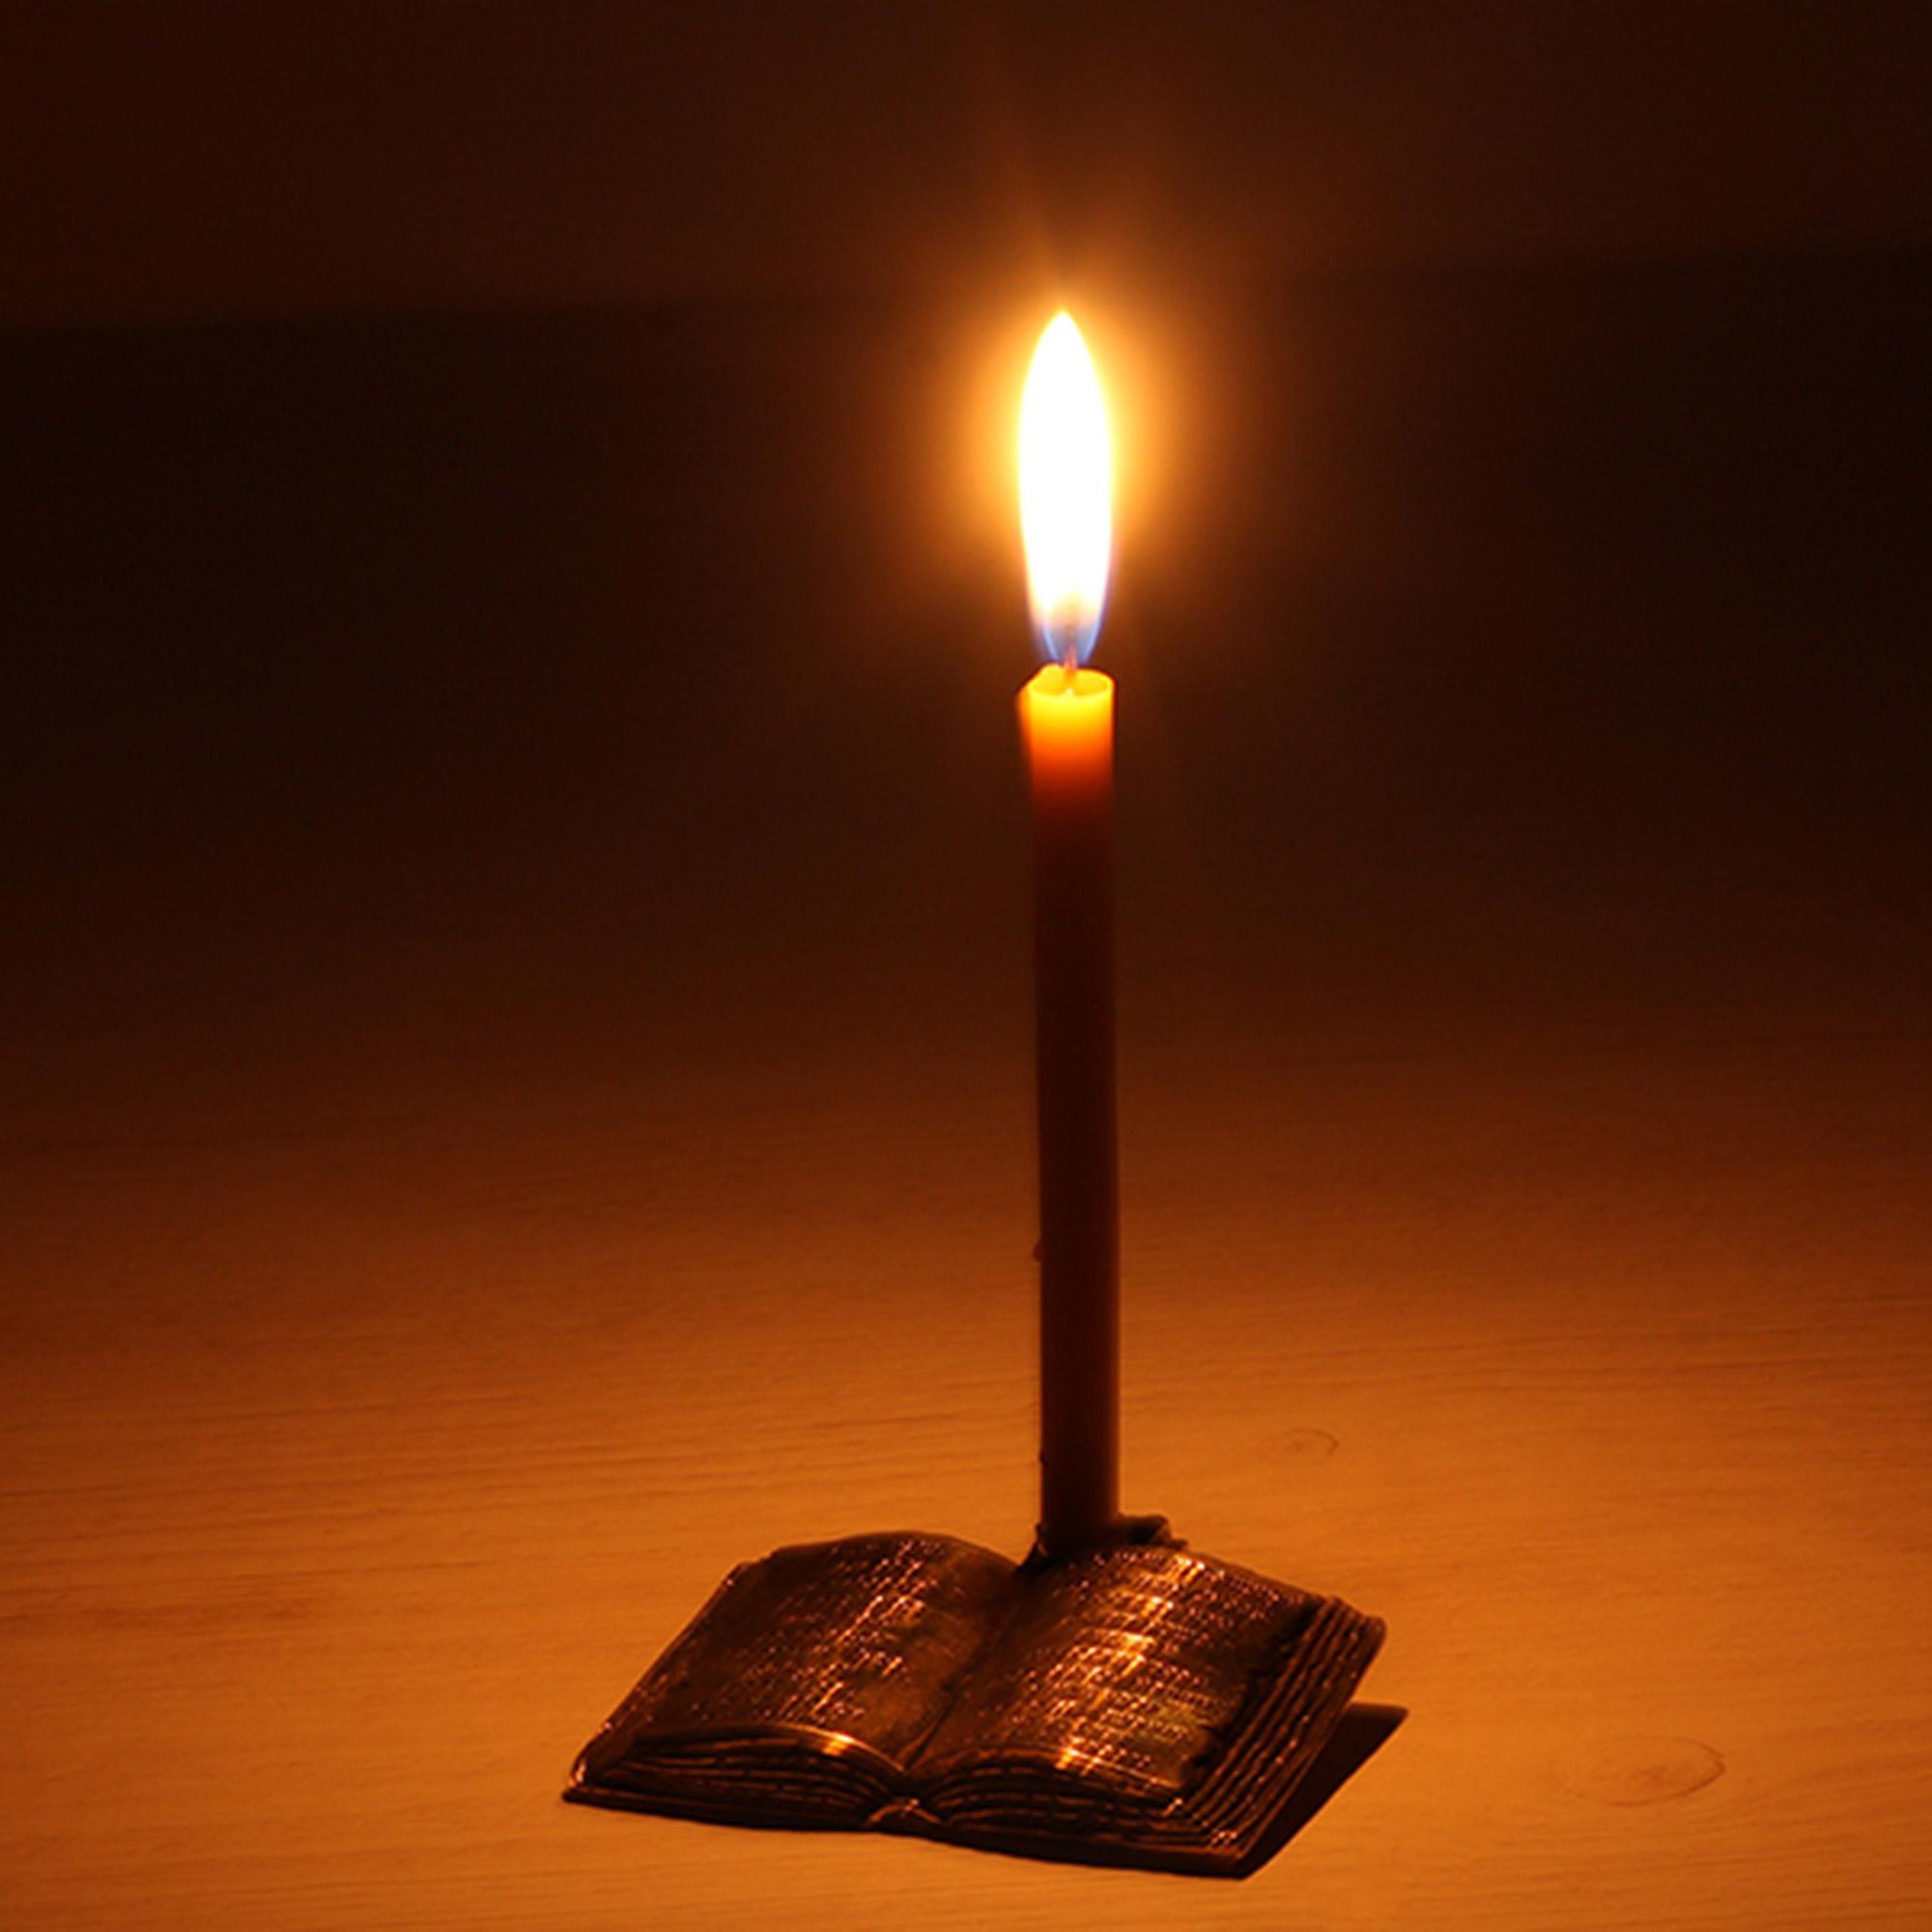 подсвечник латунный церковный подсвечник под тонкую свечу